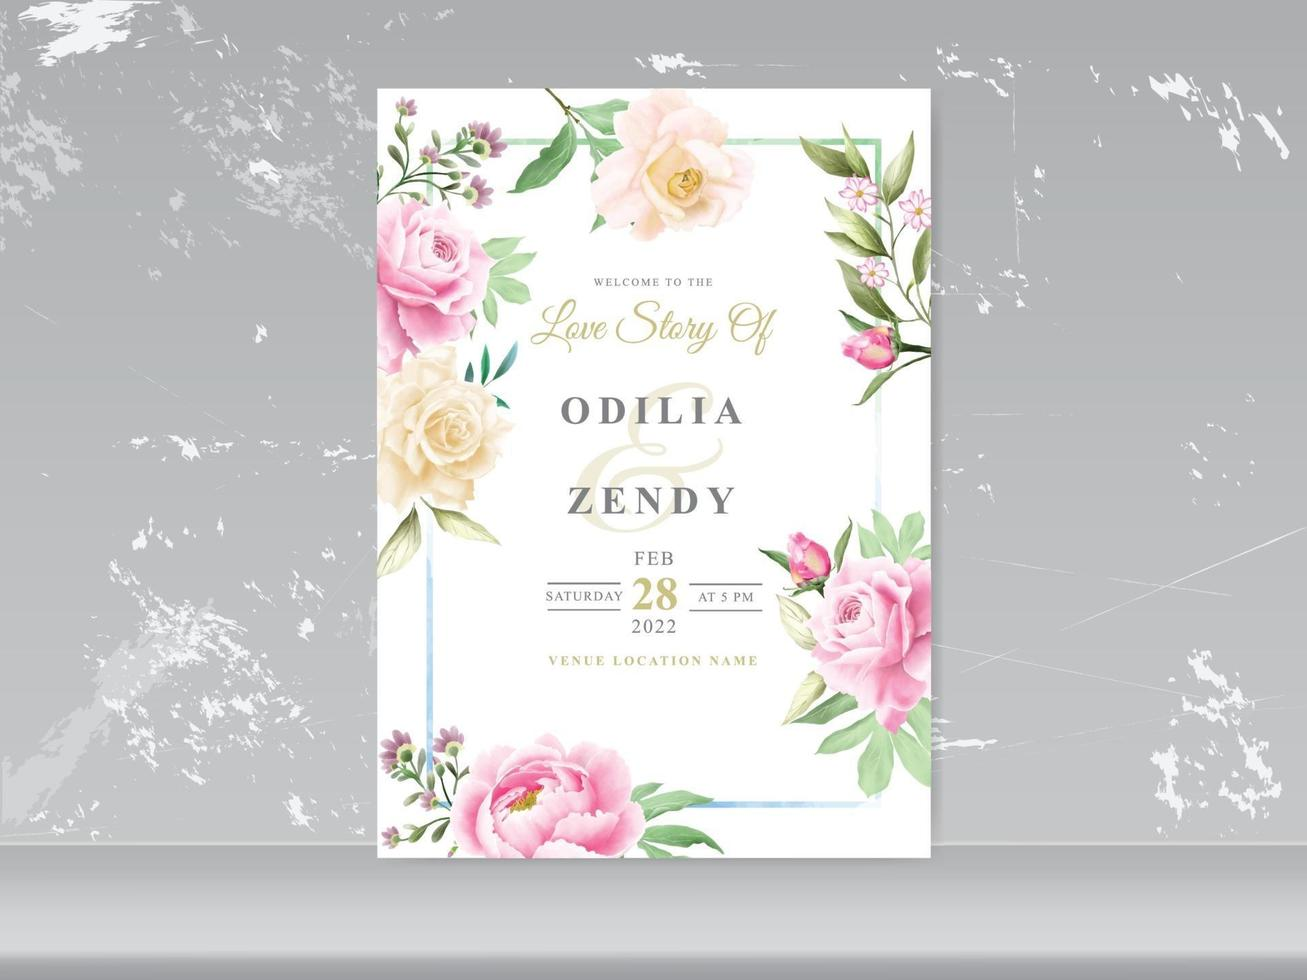 carte de mariage aquarelle floral romantique vecteur